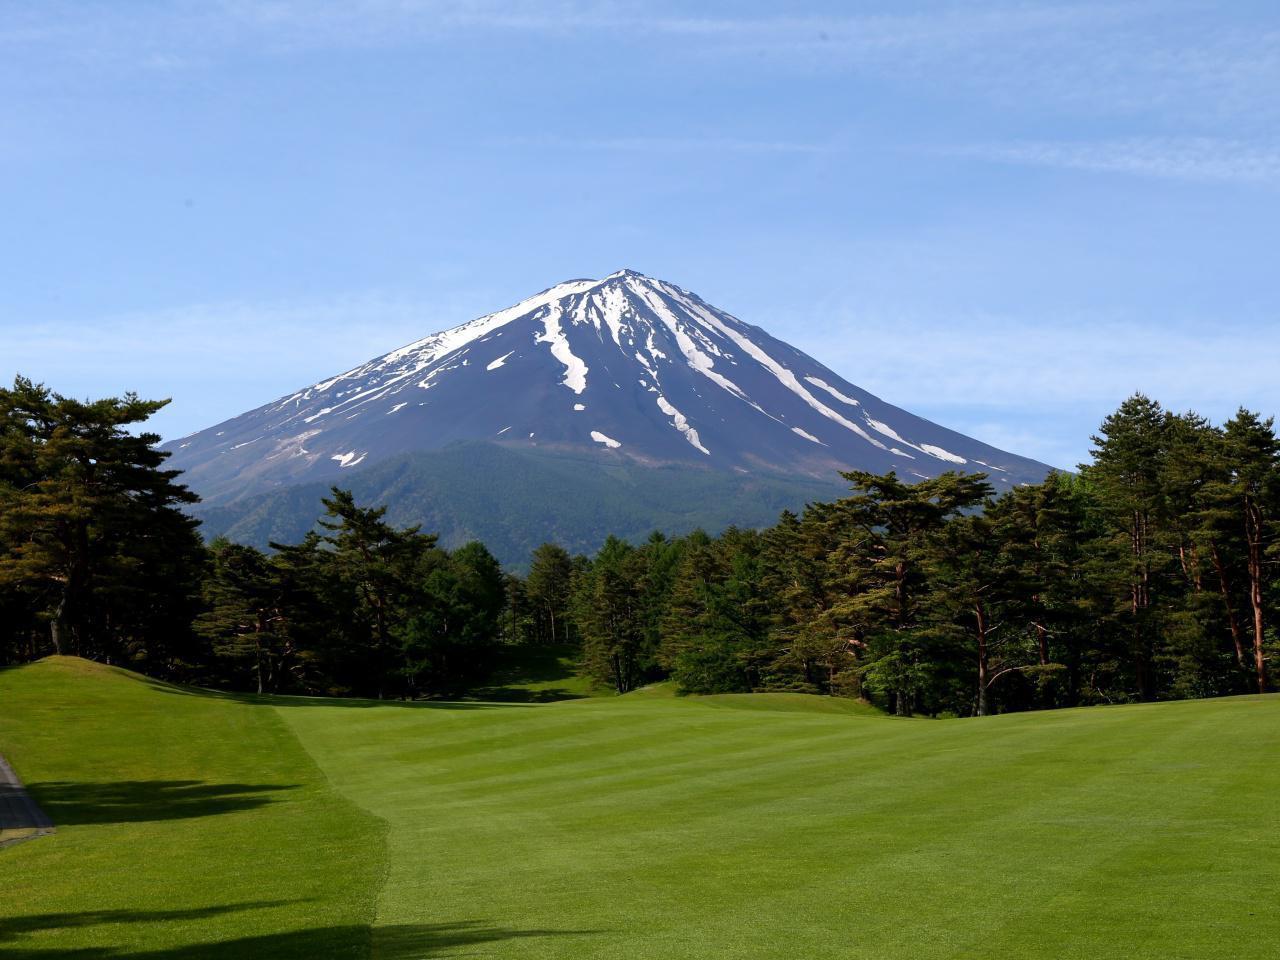 画像1: 【静岡・富士山】富士桜CC、富士レイクサイドCC、温泉宿からも絶景富士の眺め 2日間 2プレー - ゴルフへ行こうWEB by ゴルフダイジェスト